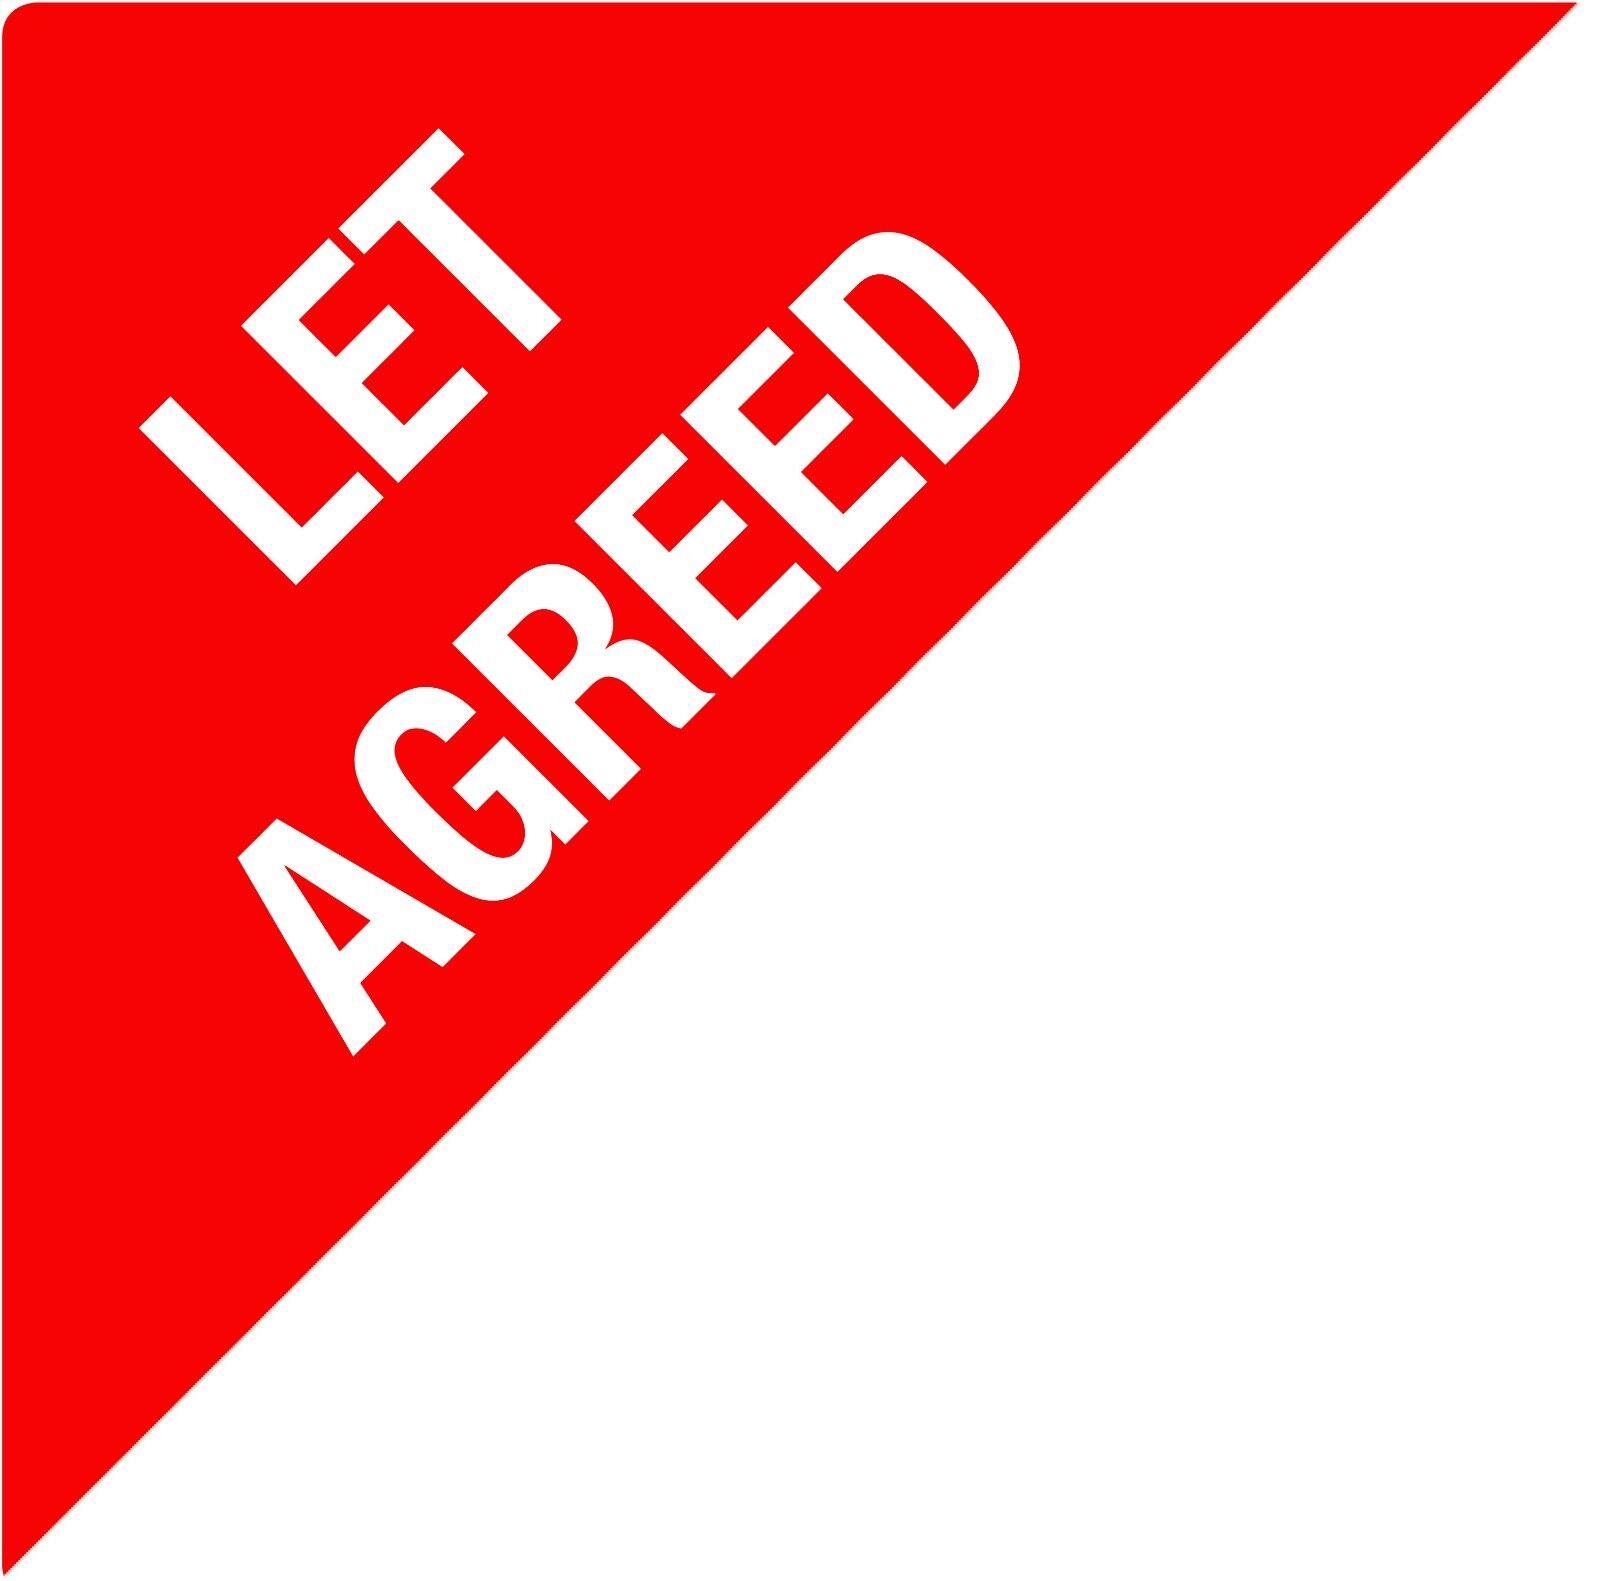 Vendido - Agentes Agentes Agentes Inmobiliarios Pegatinas - Triángulos-Sale de acuerdo - ahora d56f6e